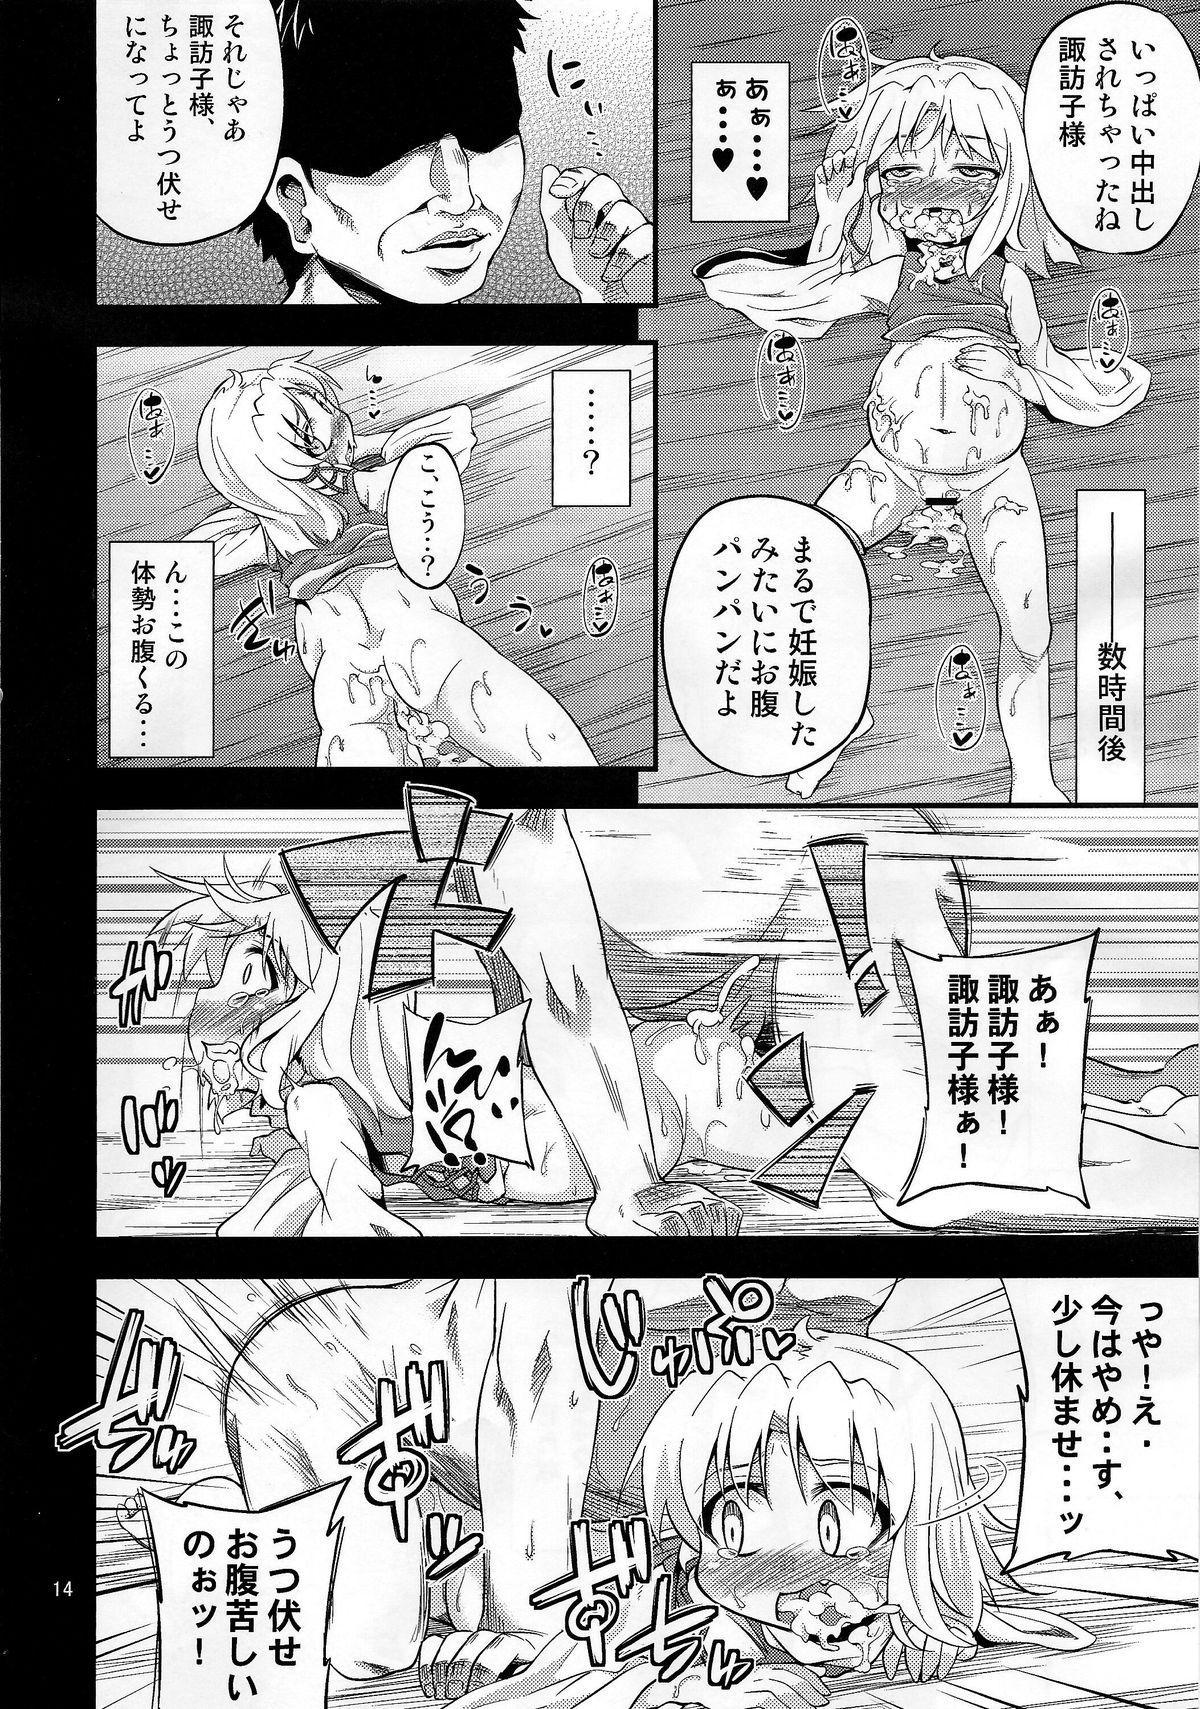 Nikuyokugami Gyoushin 12